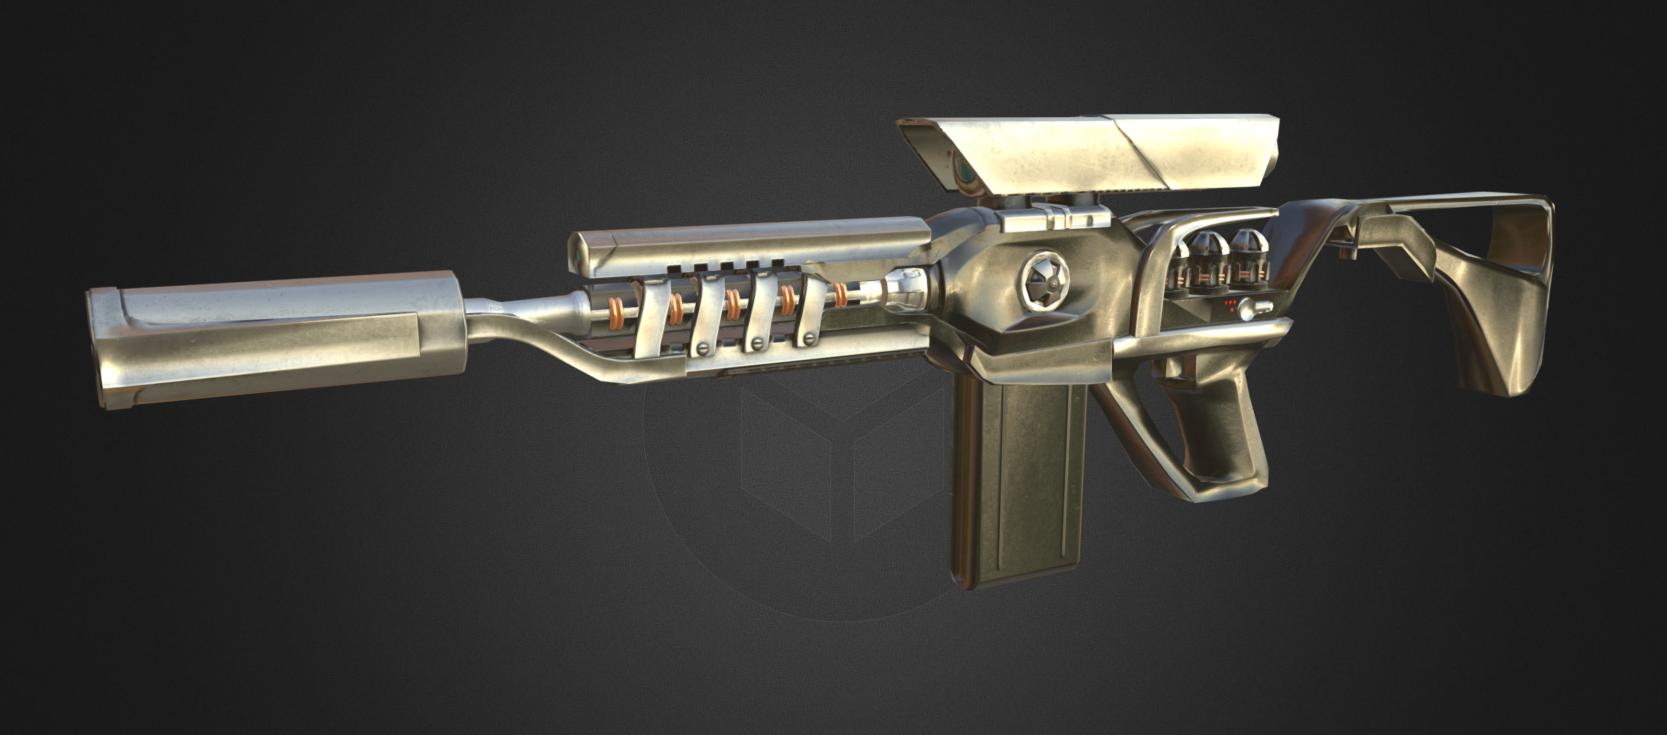 Gauss Assault Rifle Screen Capture from Sketchfab